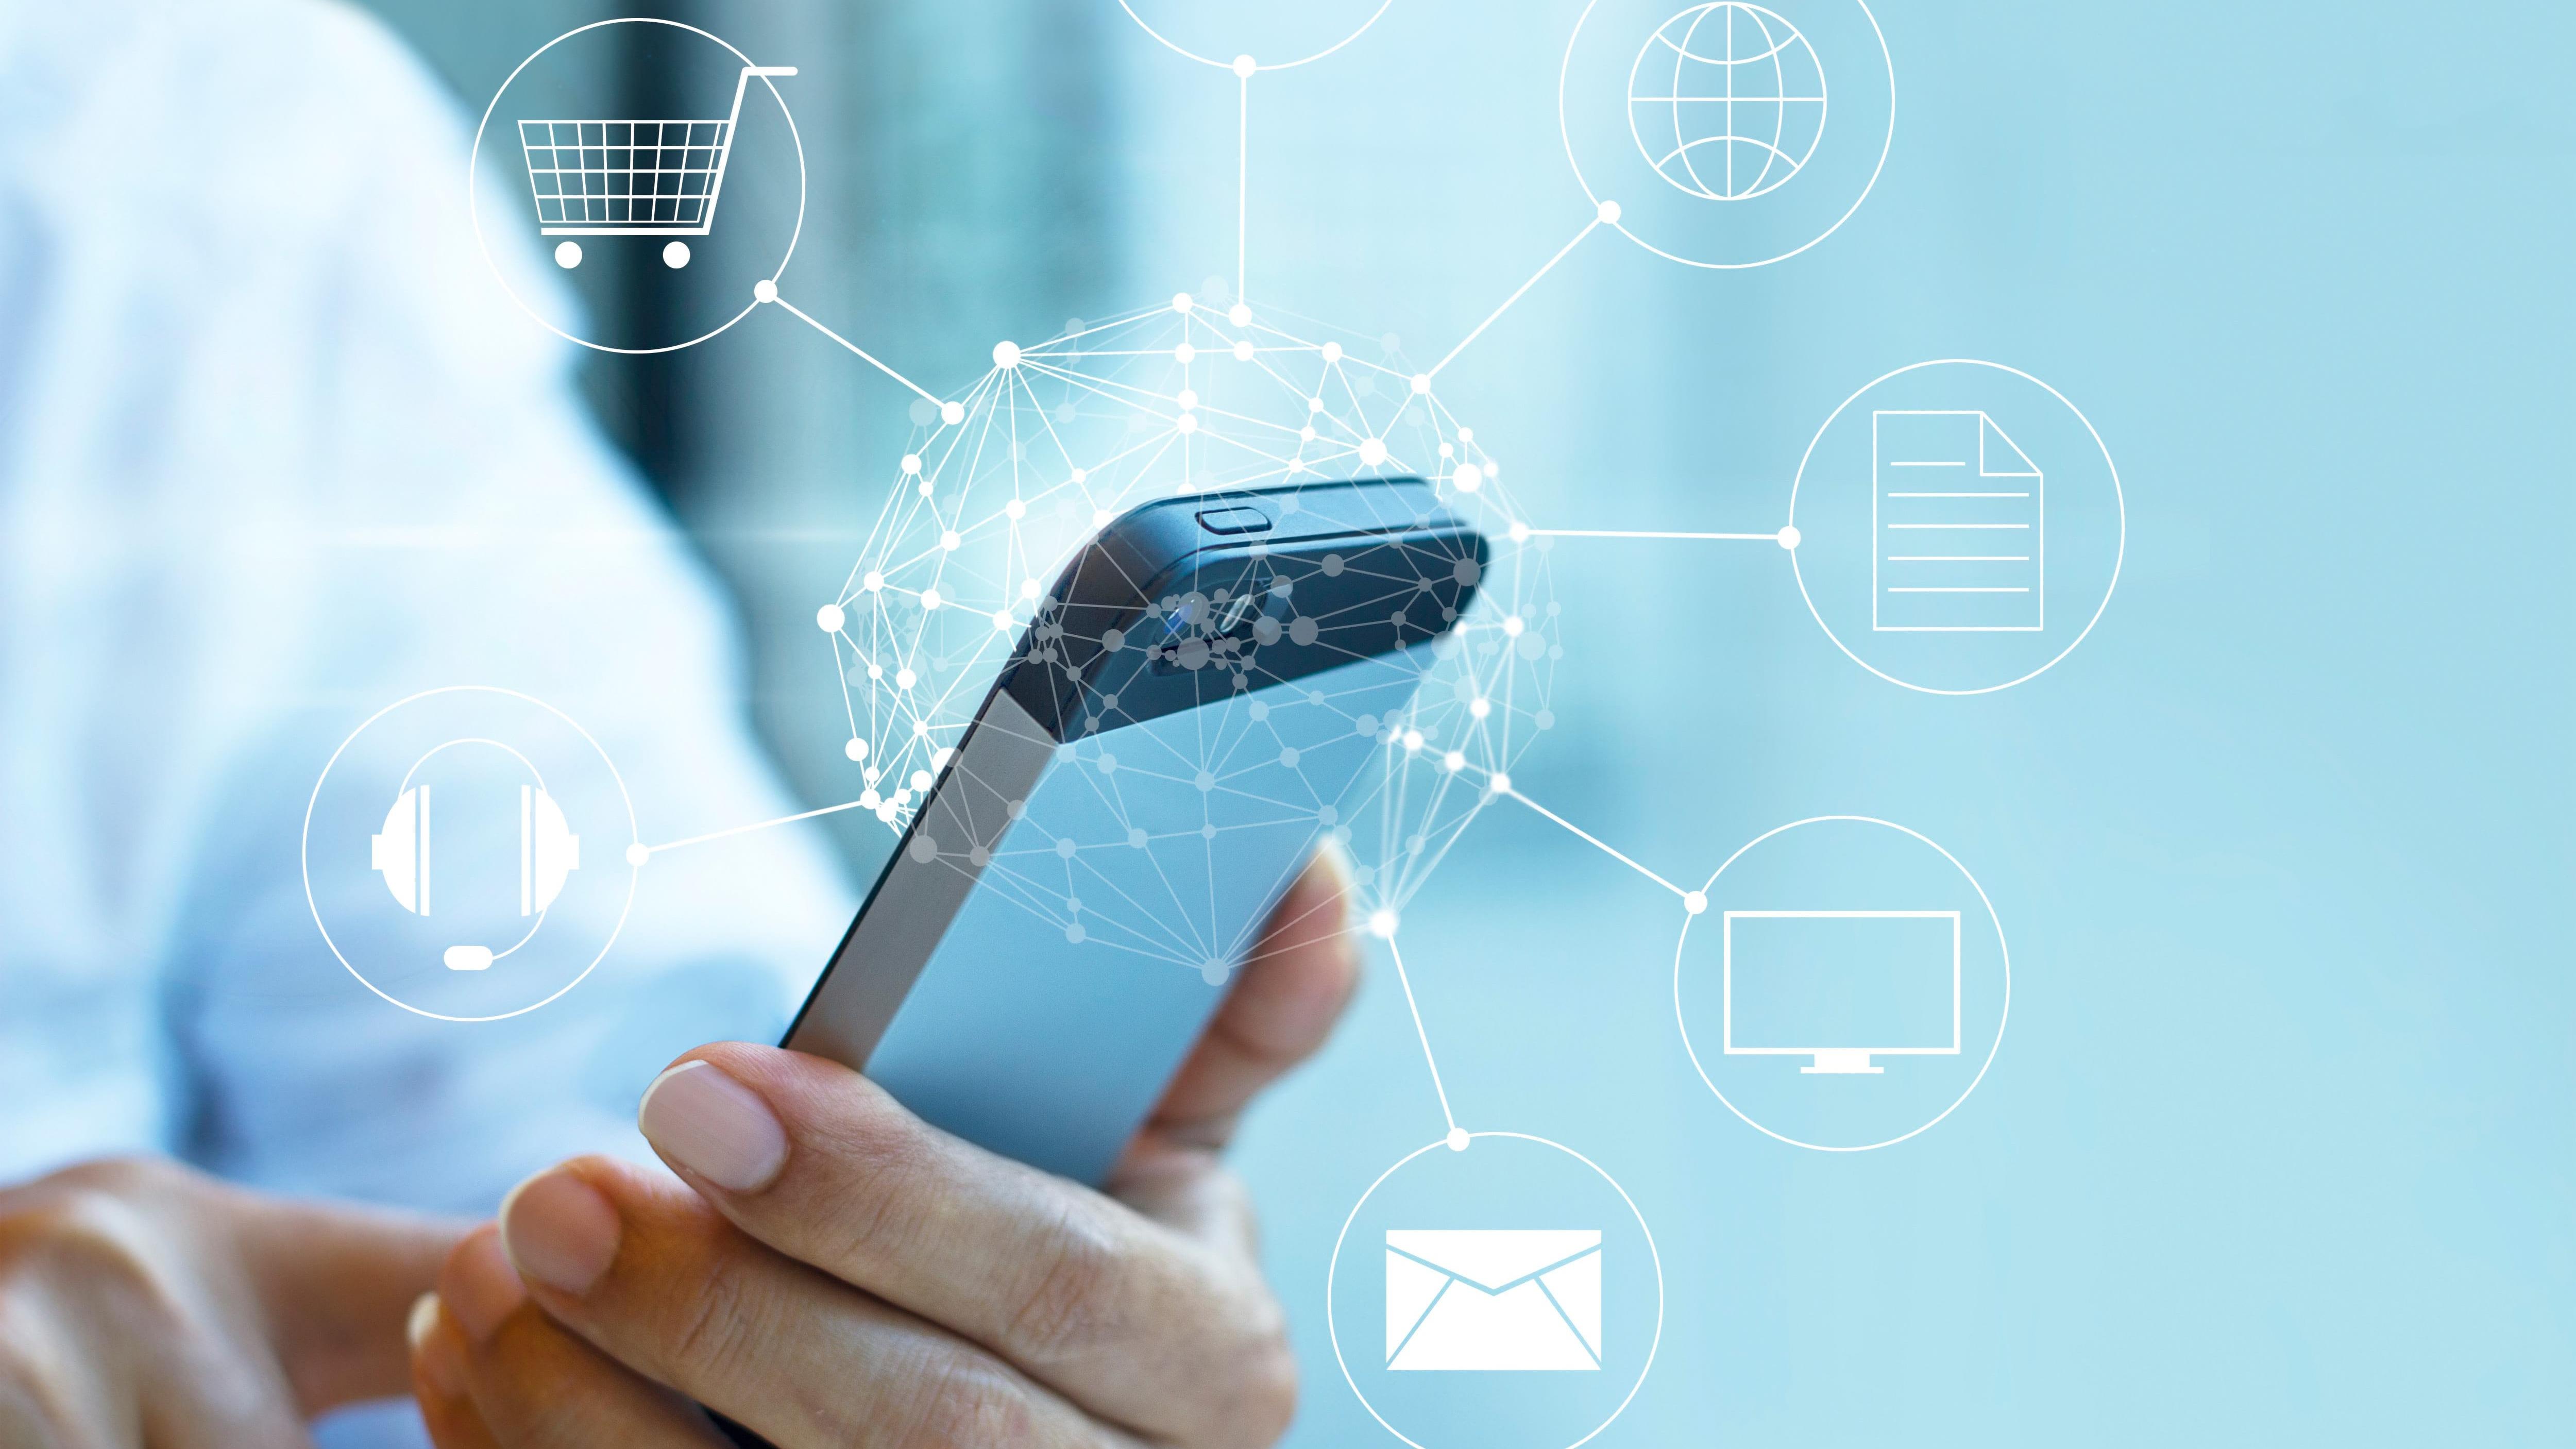 インタラクティブ動画でオフラインへの流入を促進!O2Oマーケティングの活用事例を解説のサムネイル画像